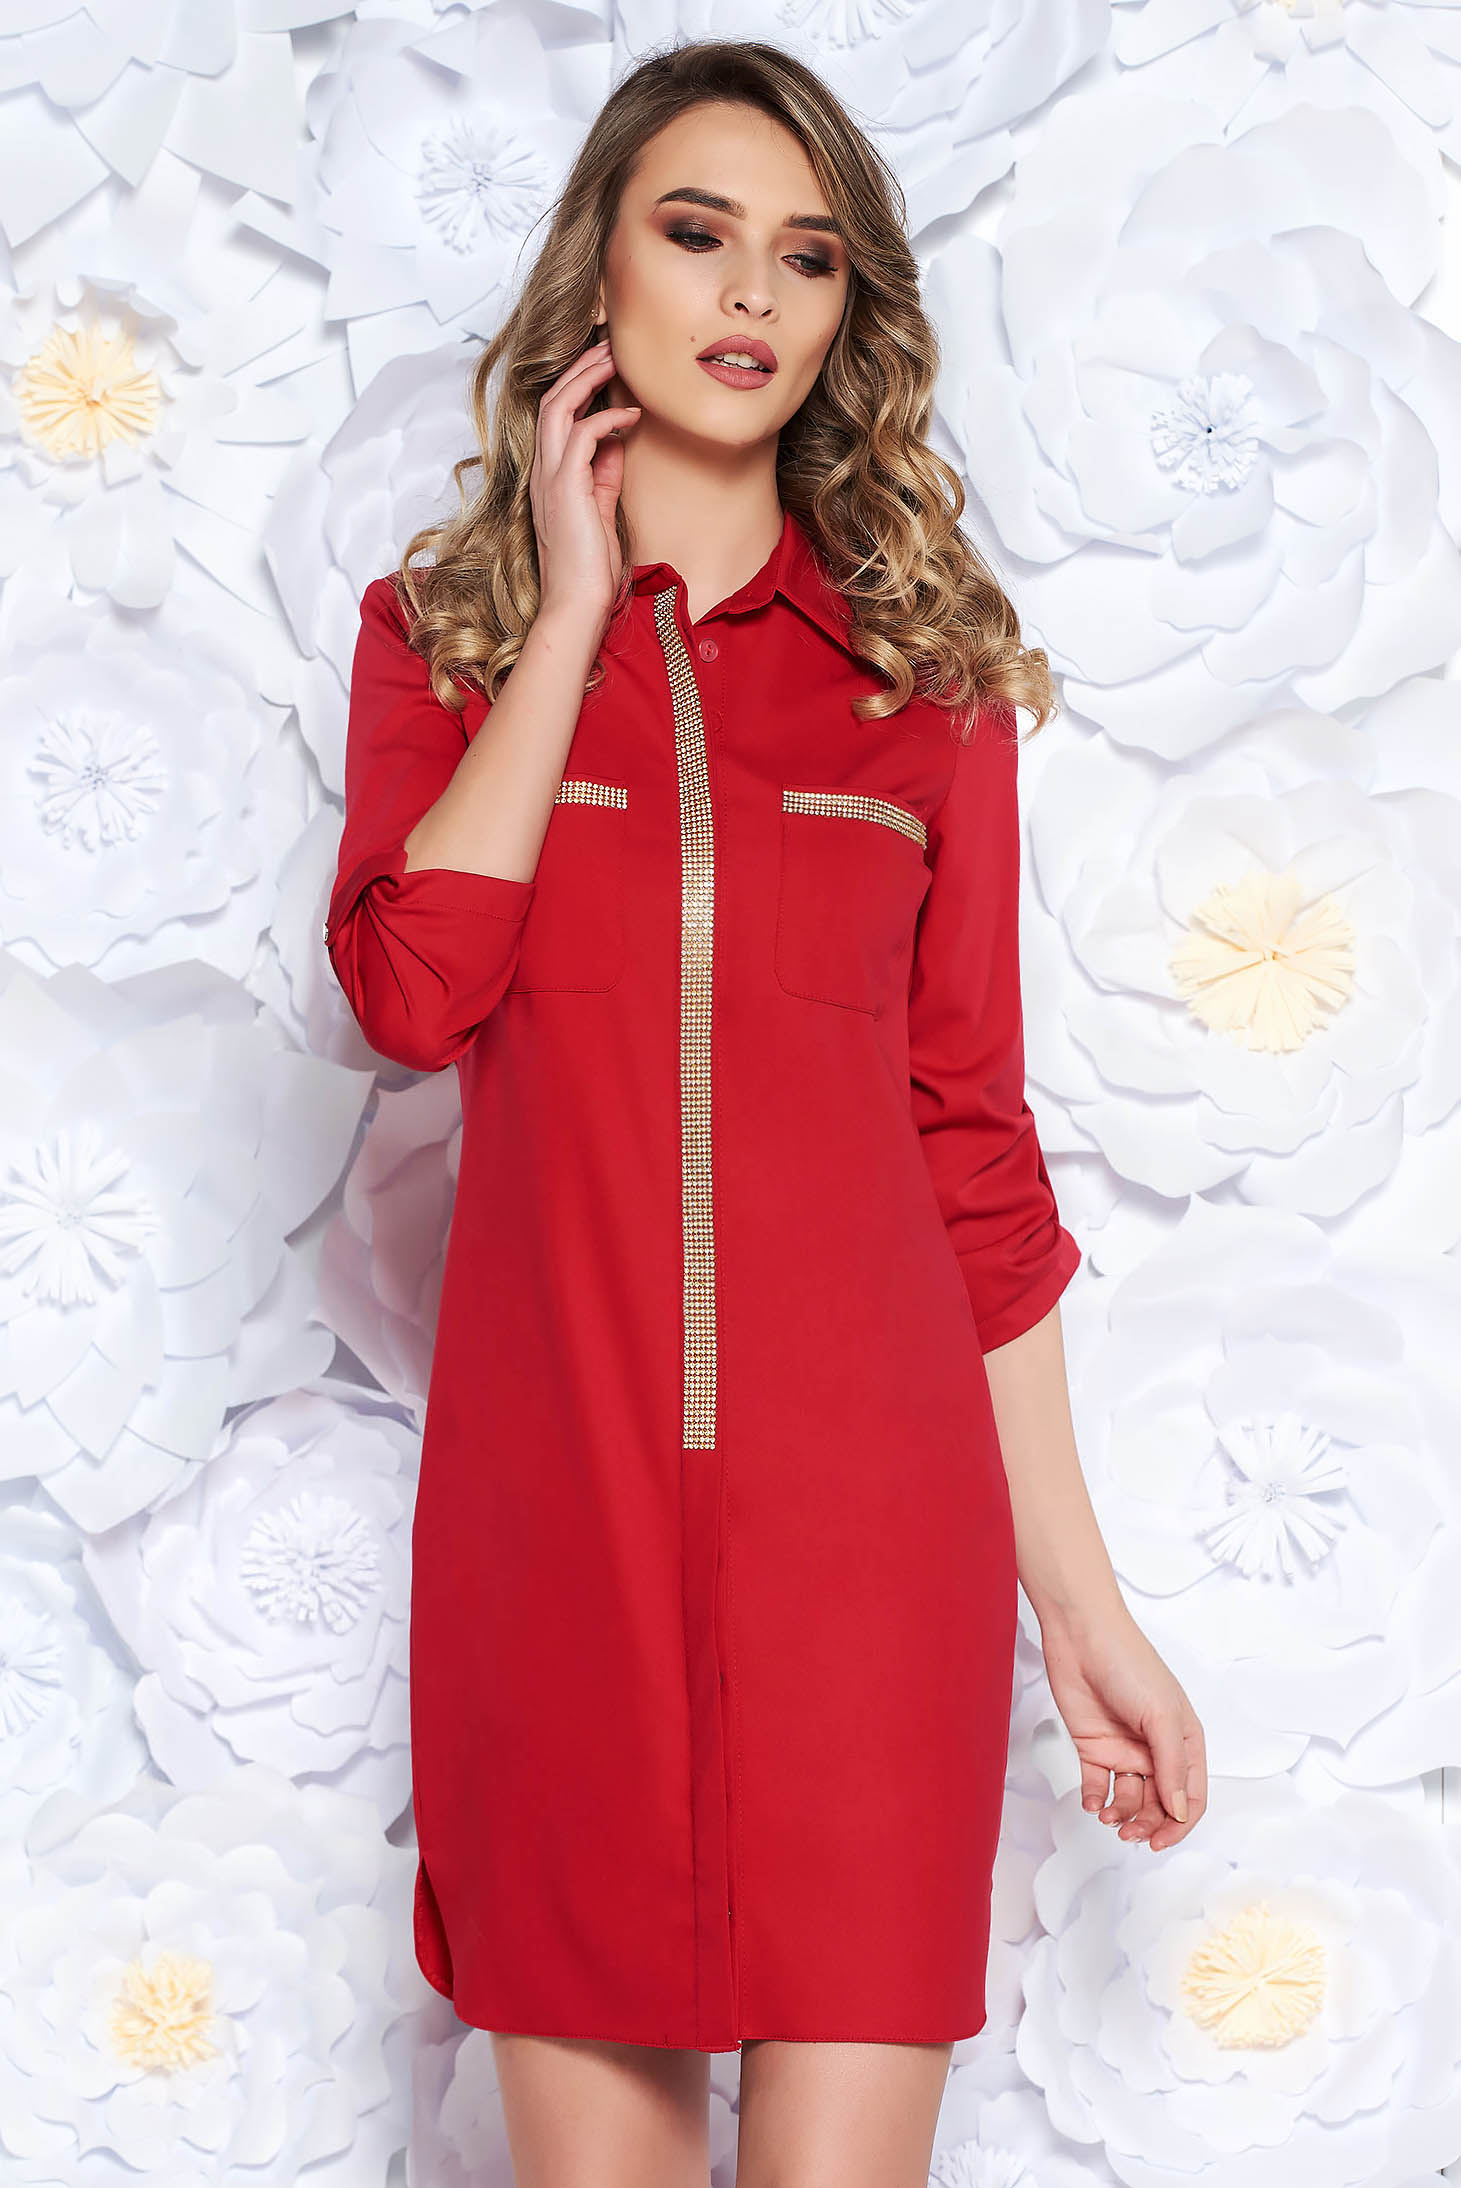 Rochie rosie casual cu croi larg din material usor elastic cu aplicatii stralucitoare